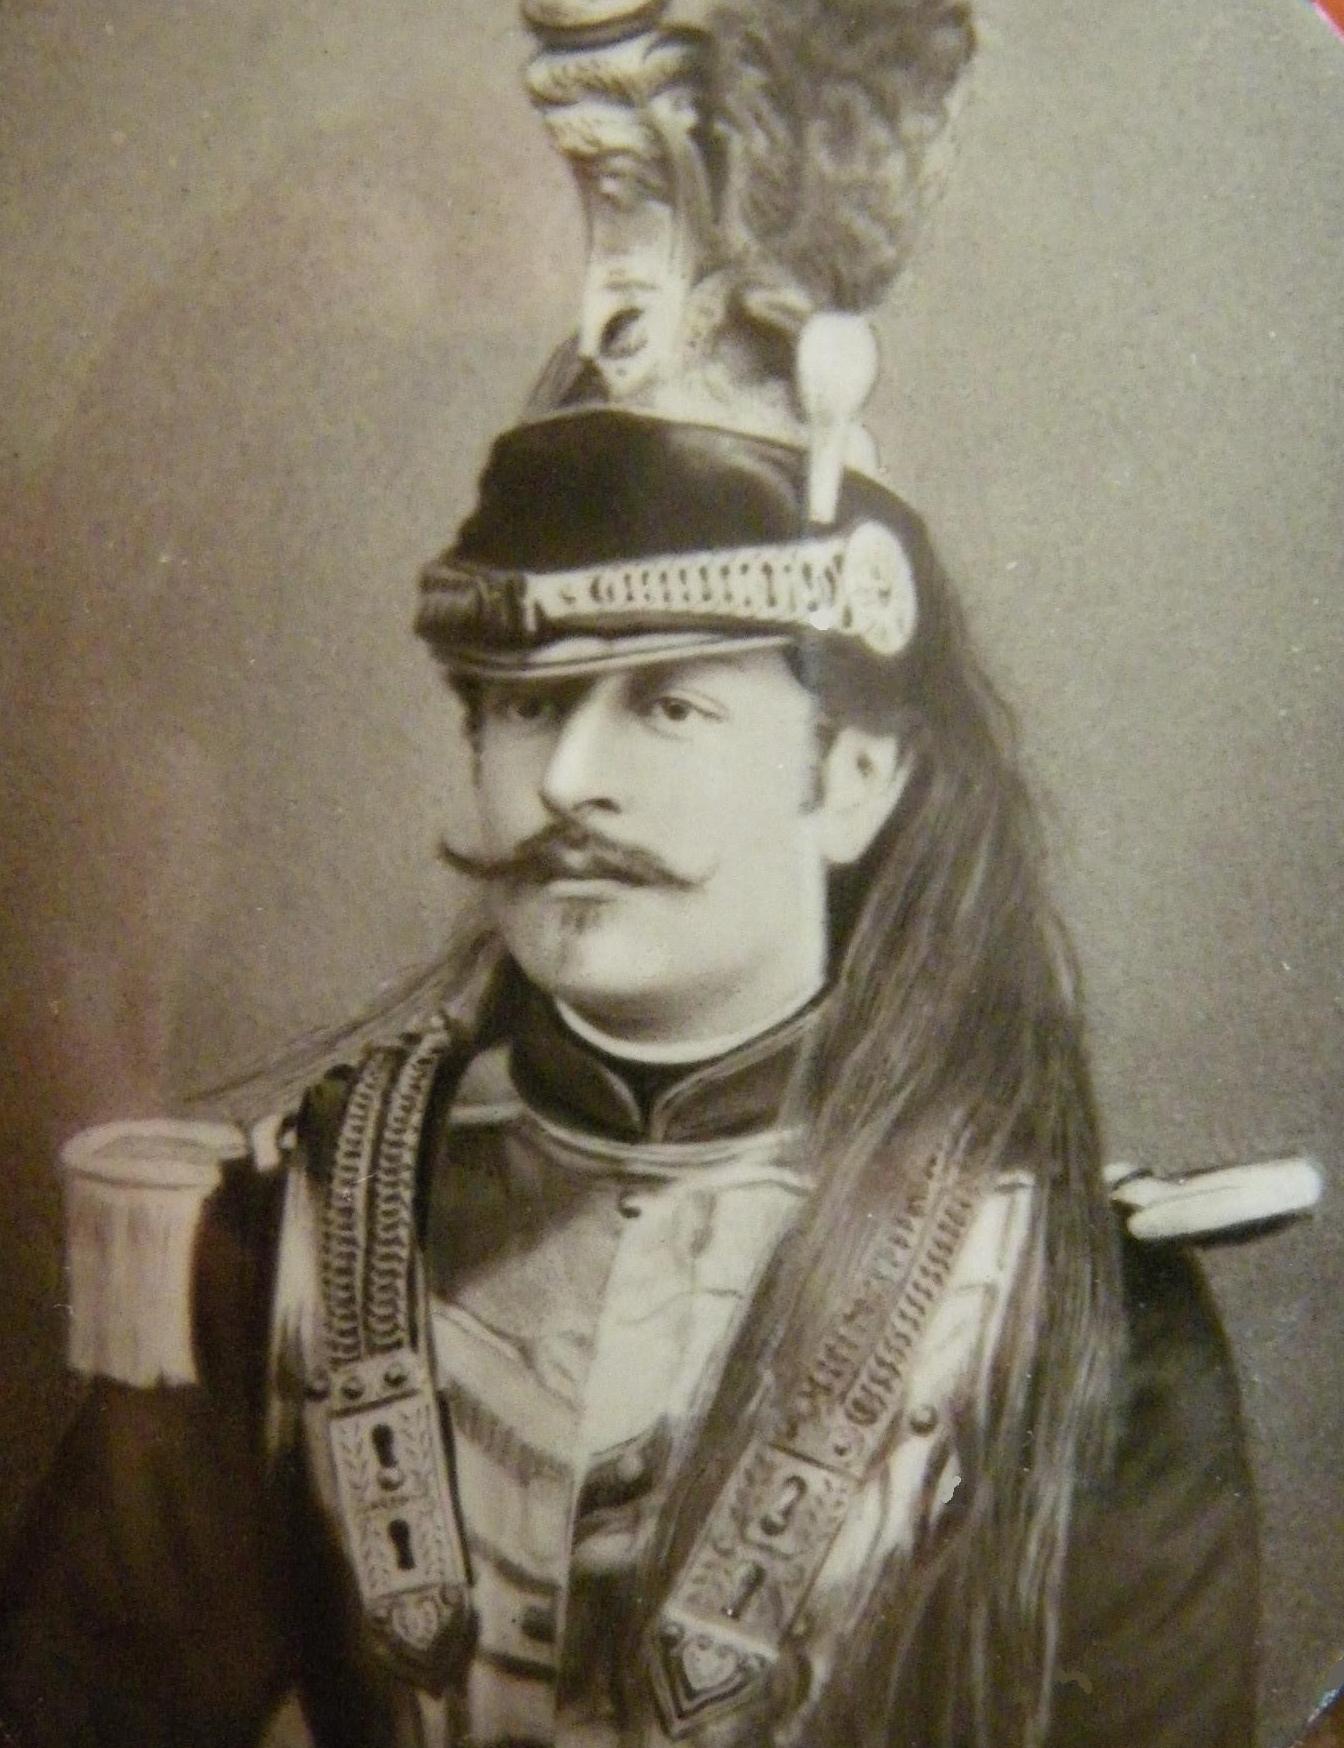 Charles des Ligneris en uniforme des Dragons (photo non datée)